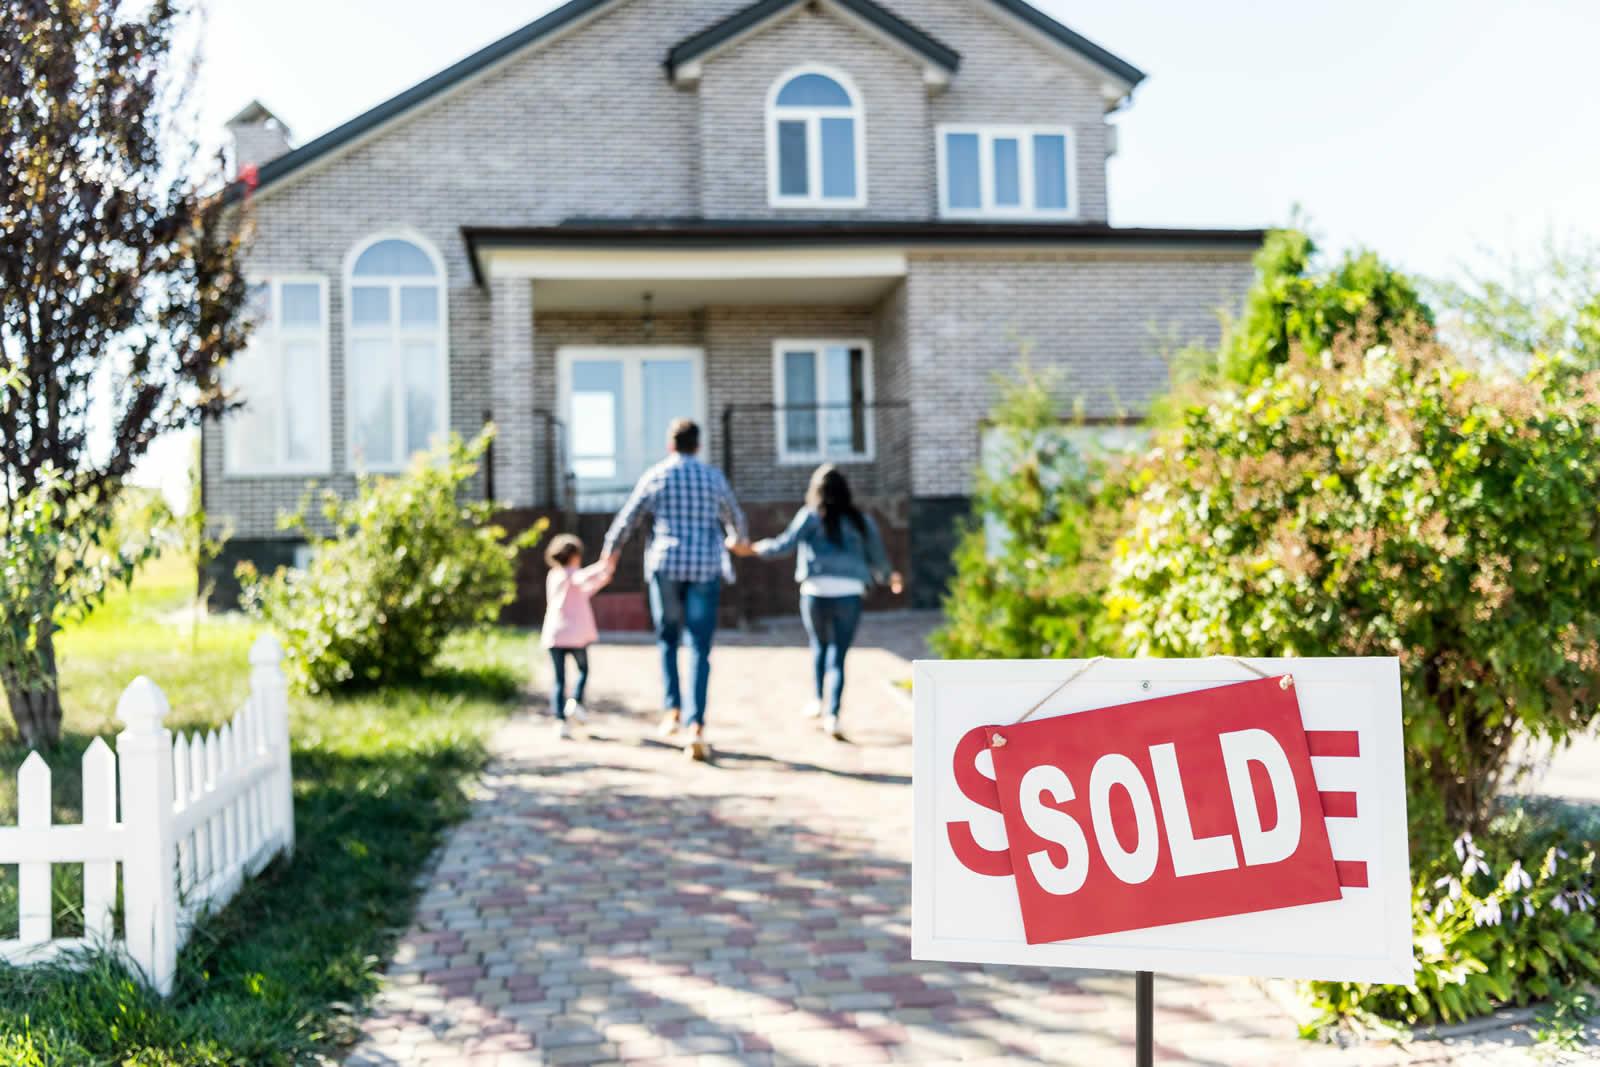 Les meilleures villes pour investir dans l'immobilier aux États-Unis